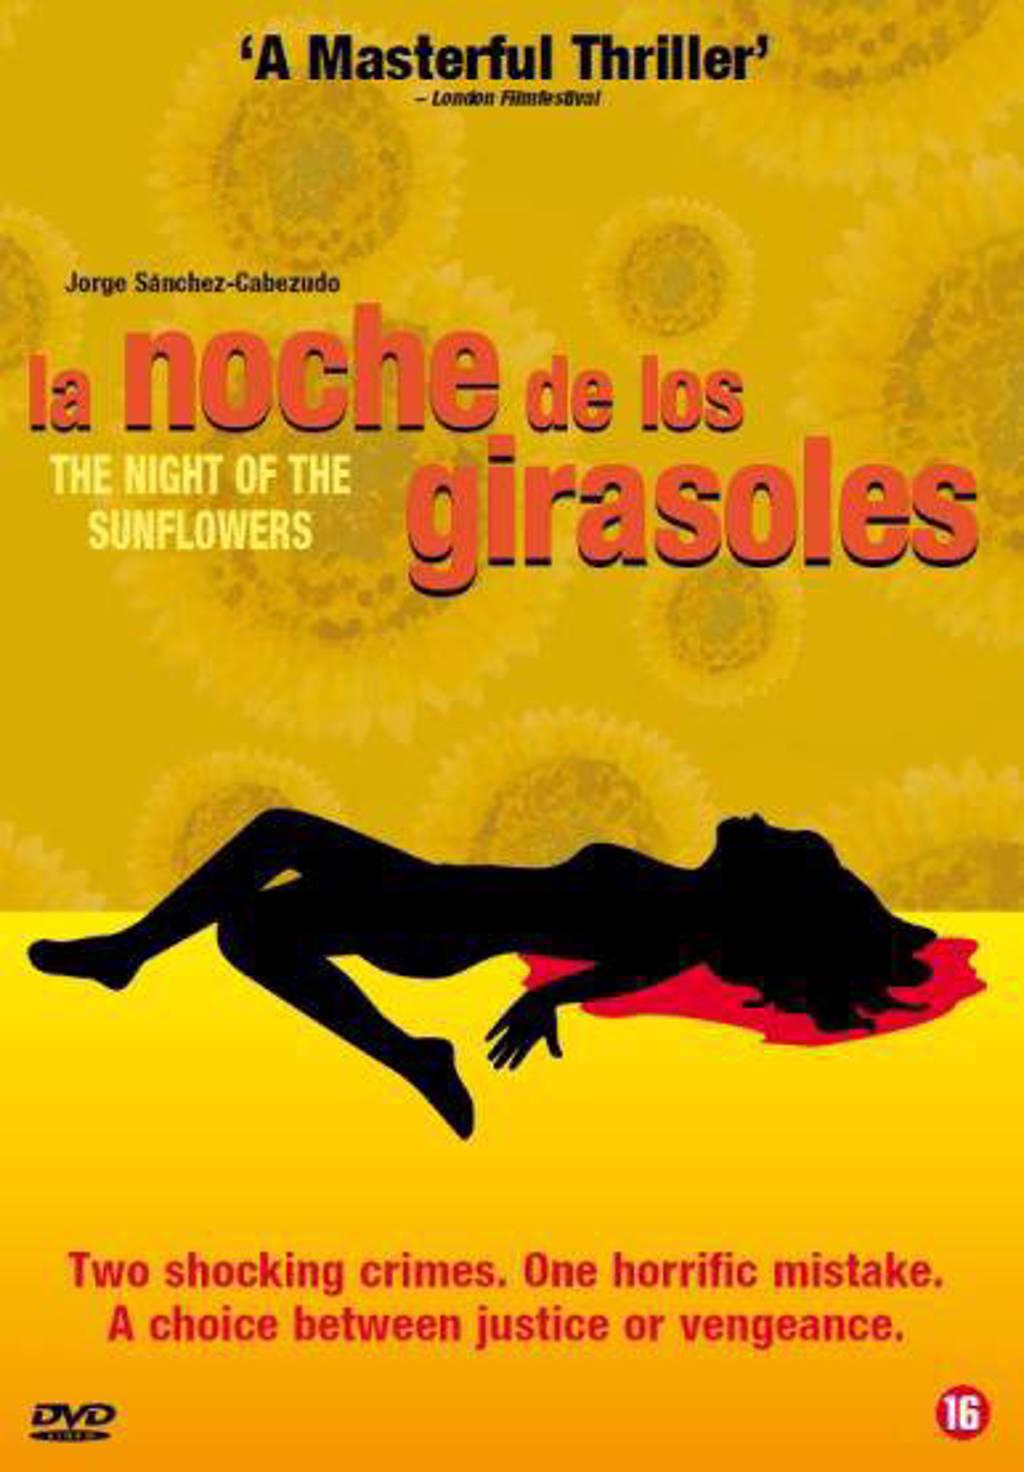 La noche de los girasoles (DVD)